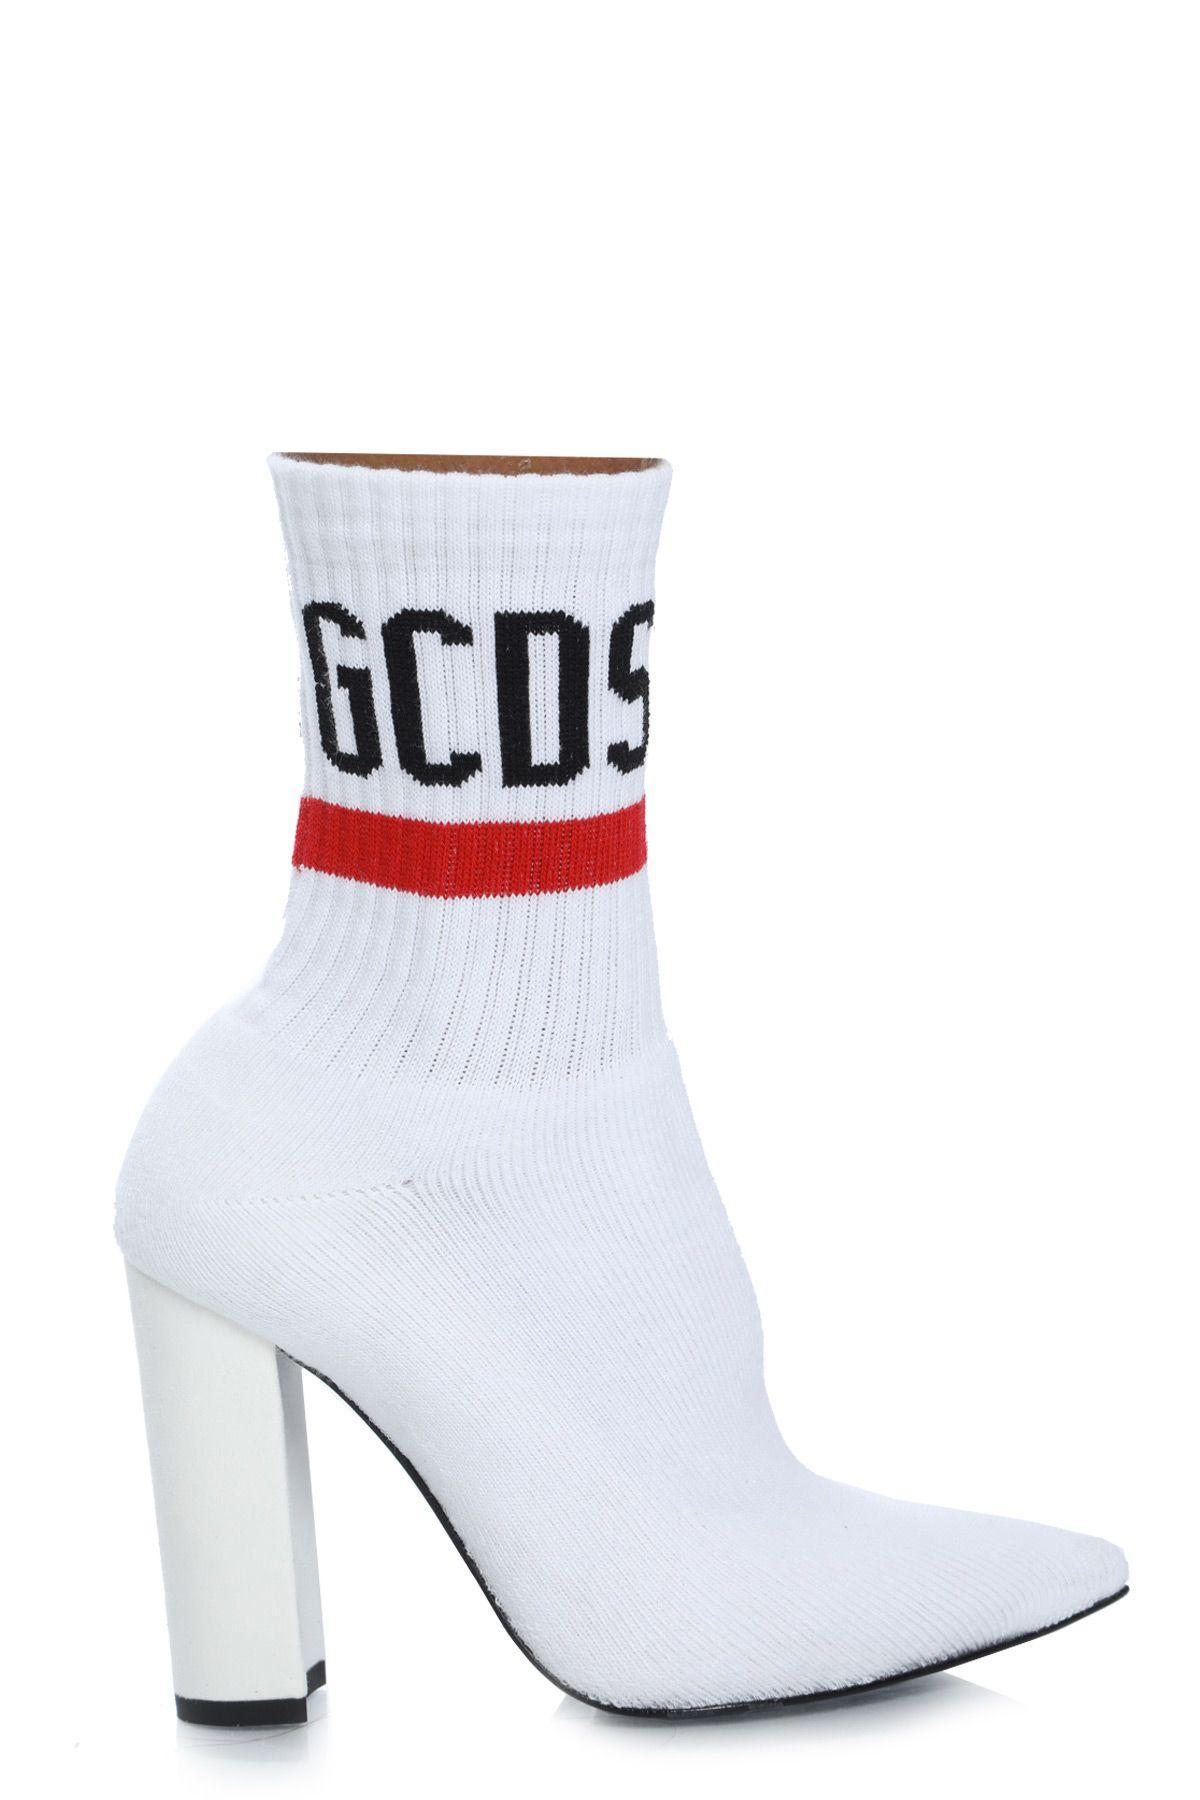 Gcds Fw19w010006 Pointy Logo Boots01 In Bianco